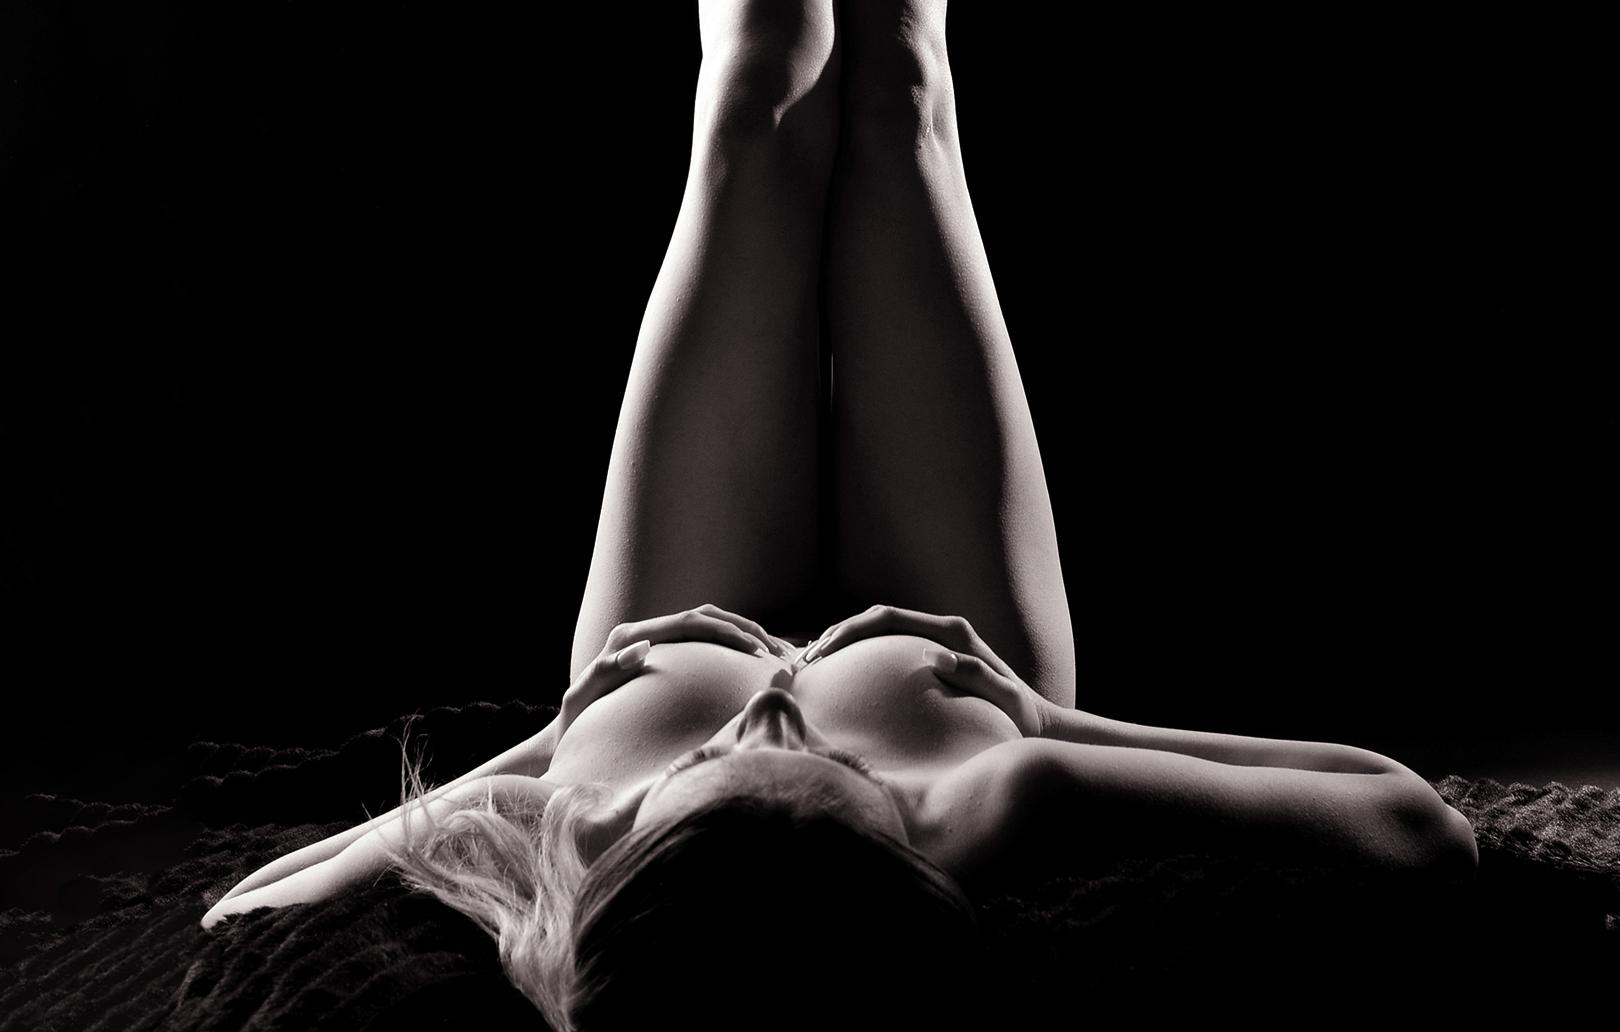 erotisches-fotoshooting-braunschweig-bg31610459980